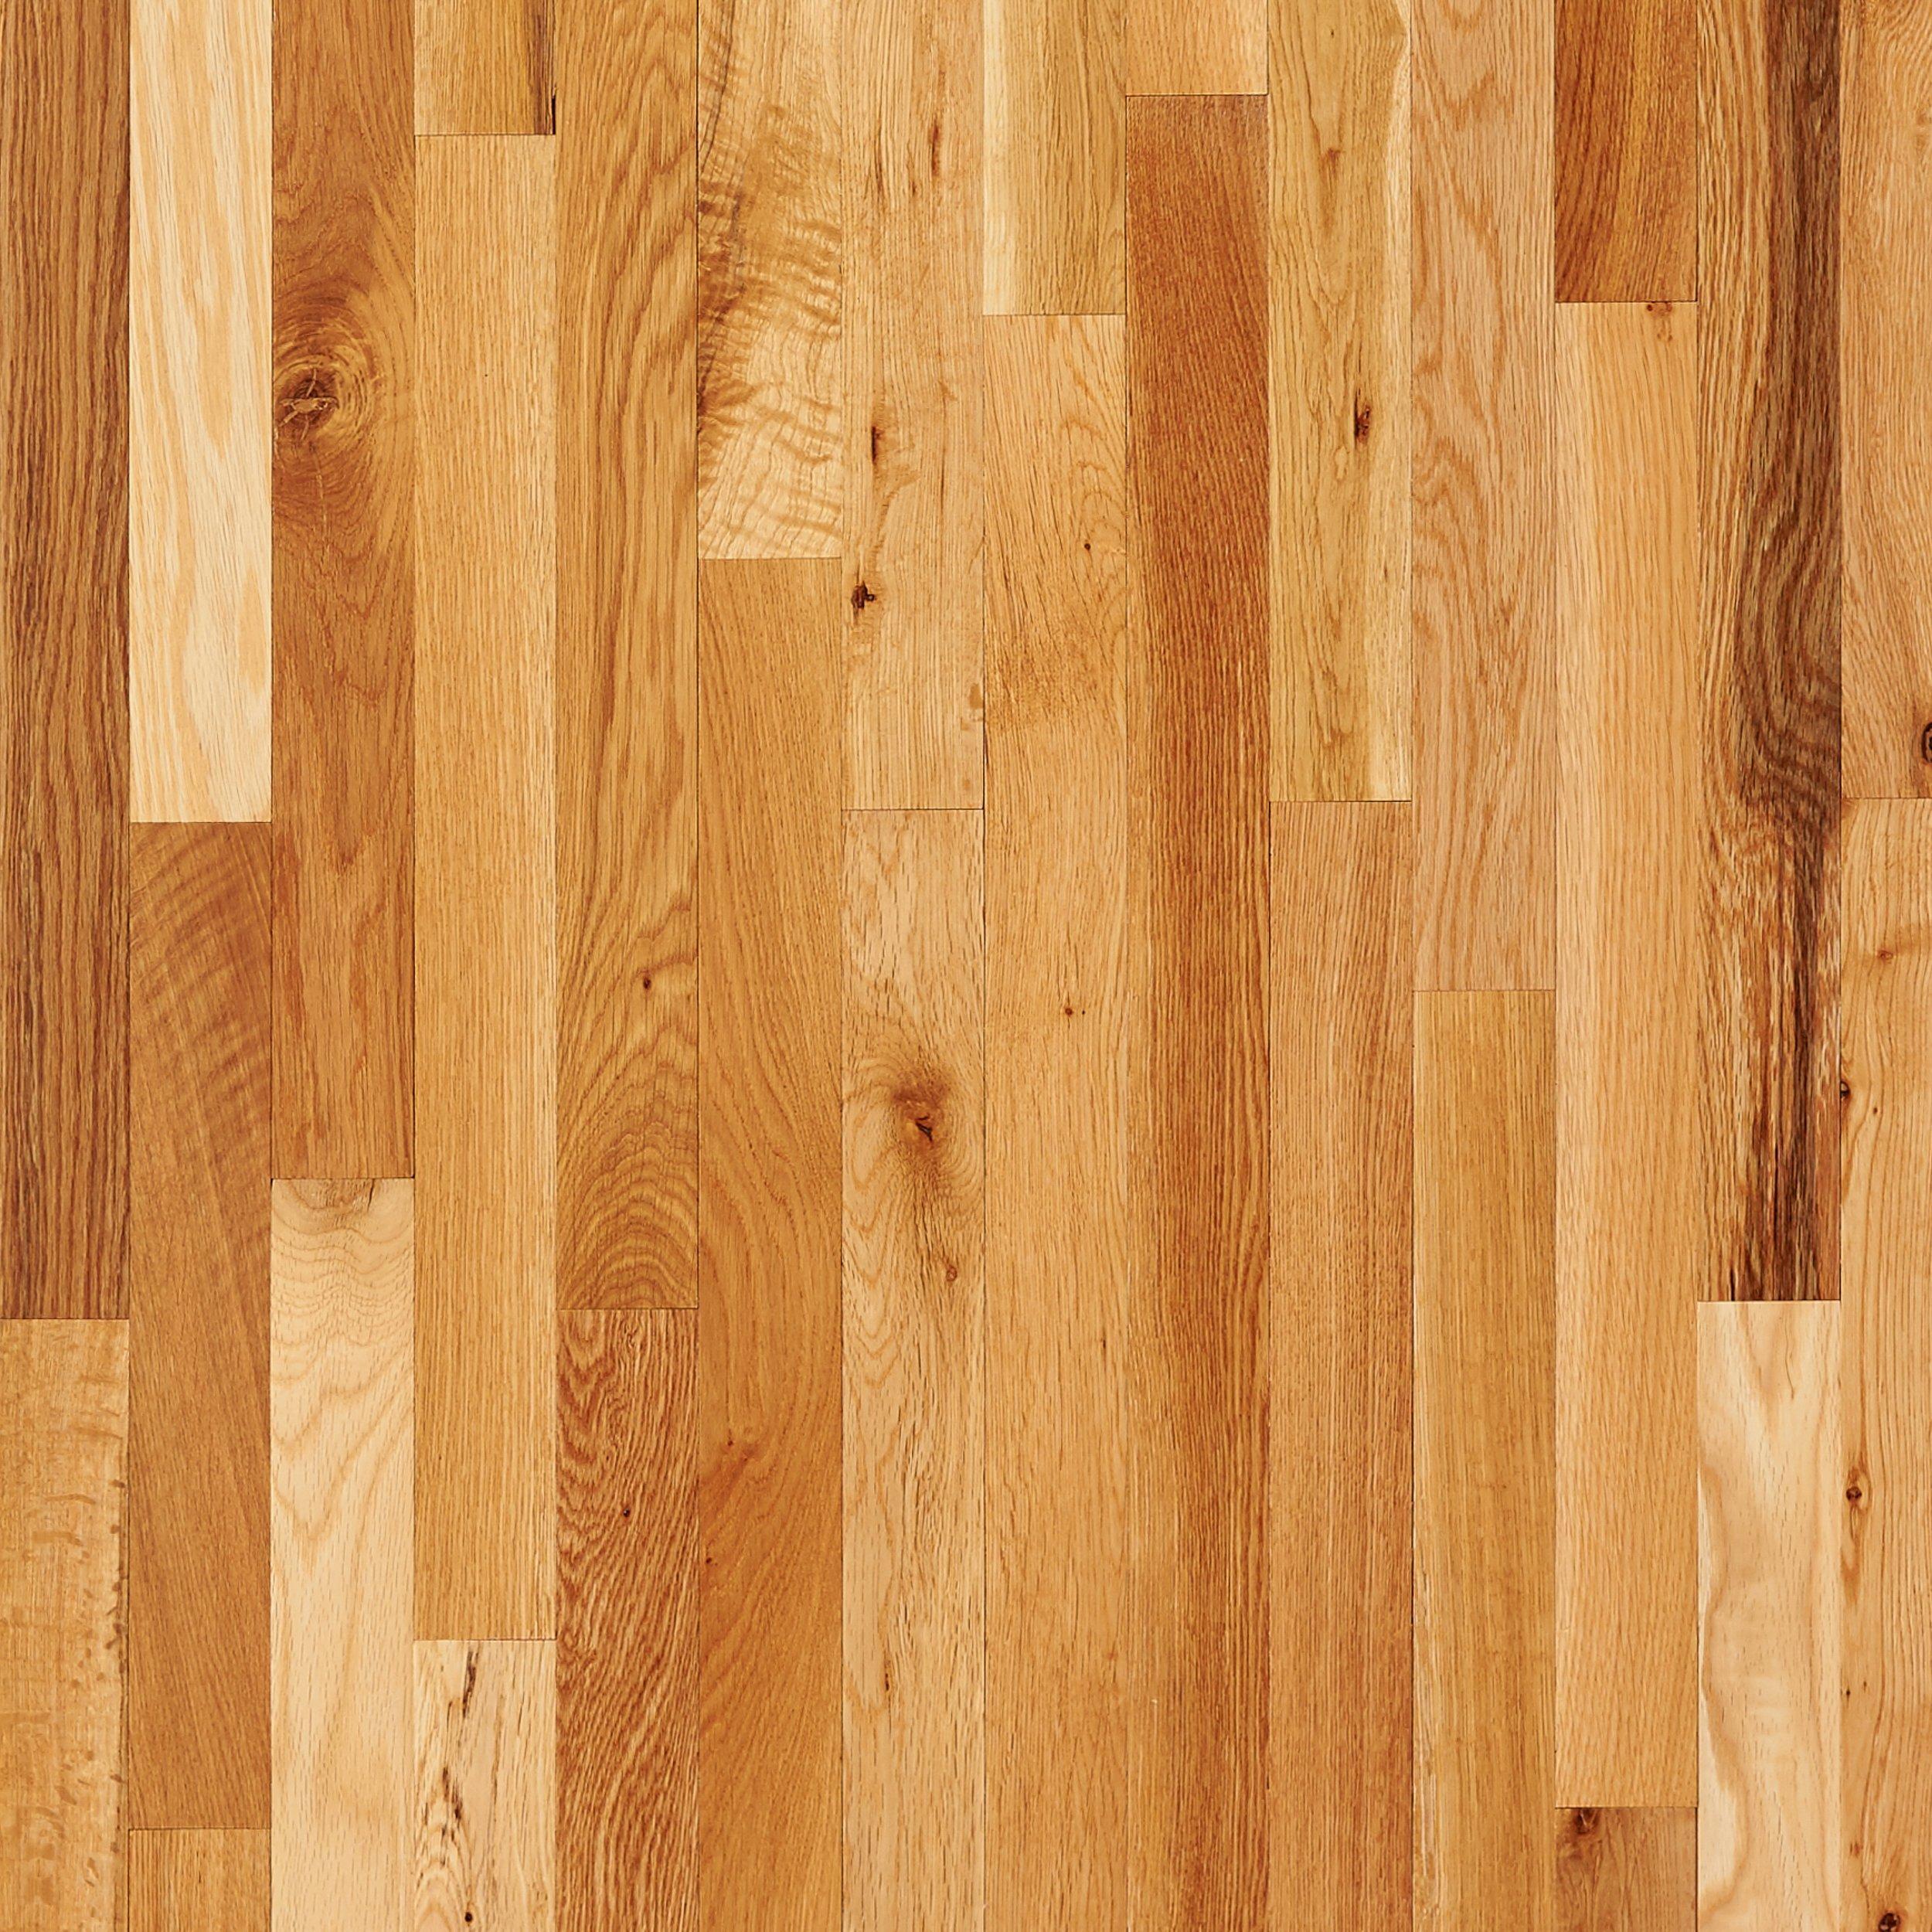 wood flooring natural oak smooth solid hardwood AXLVHXC